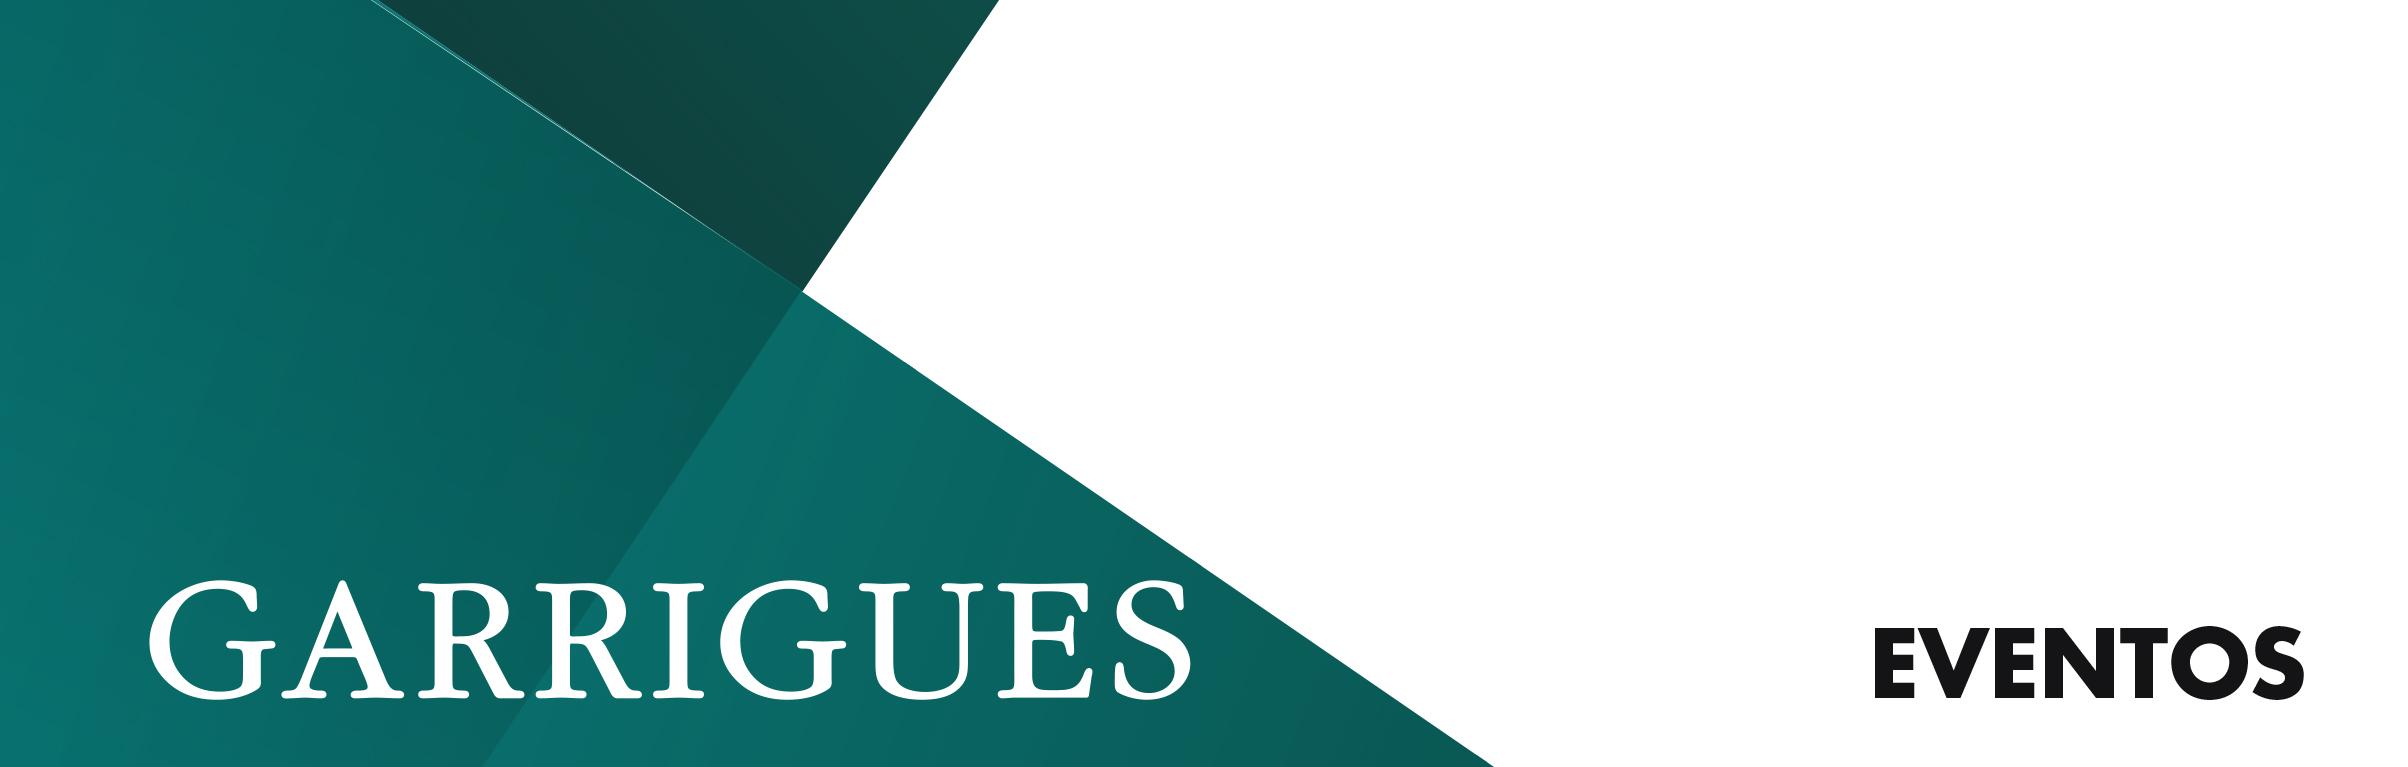 Suministro inmediato de información (SII) - Los primeros pasos de los SII Forales: Vizcaya